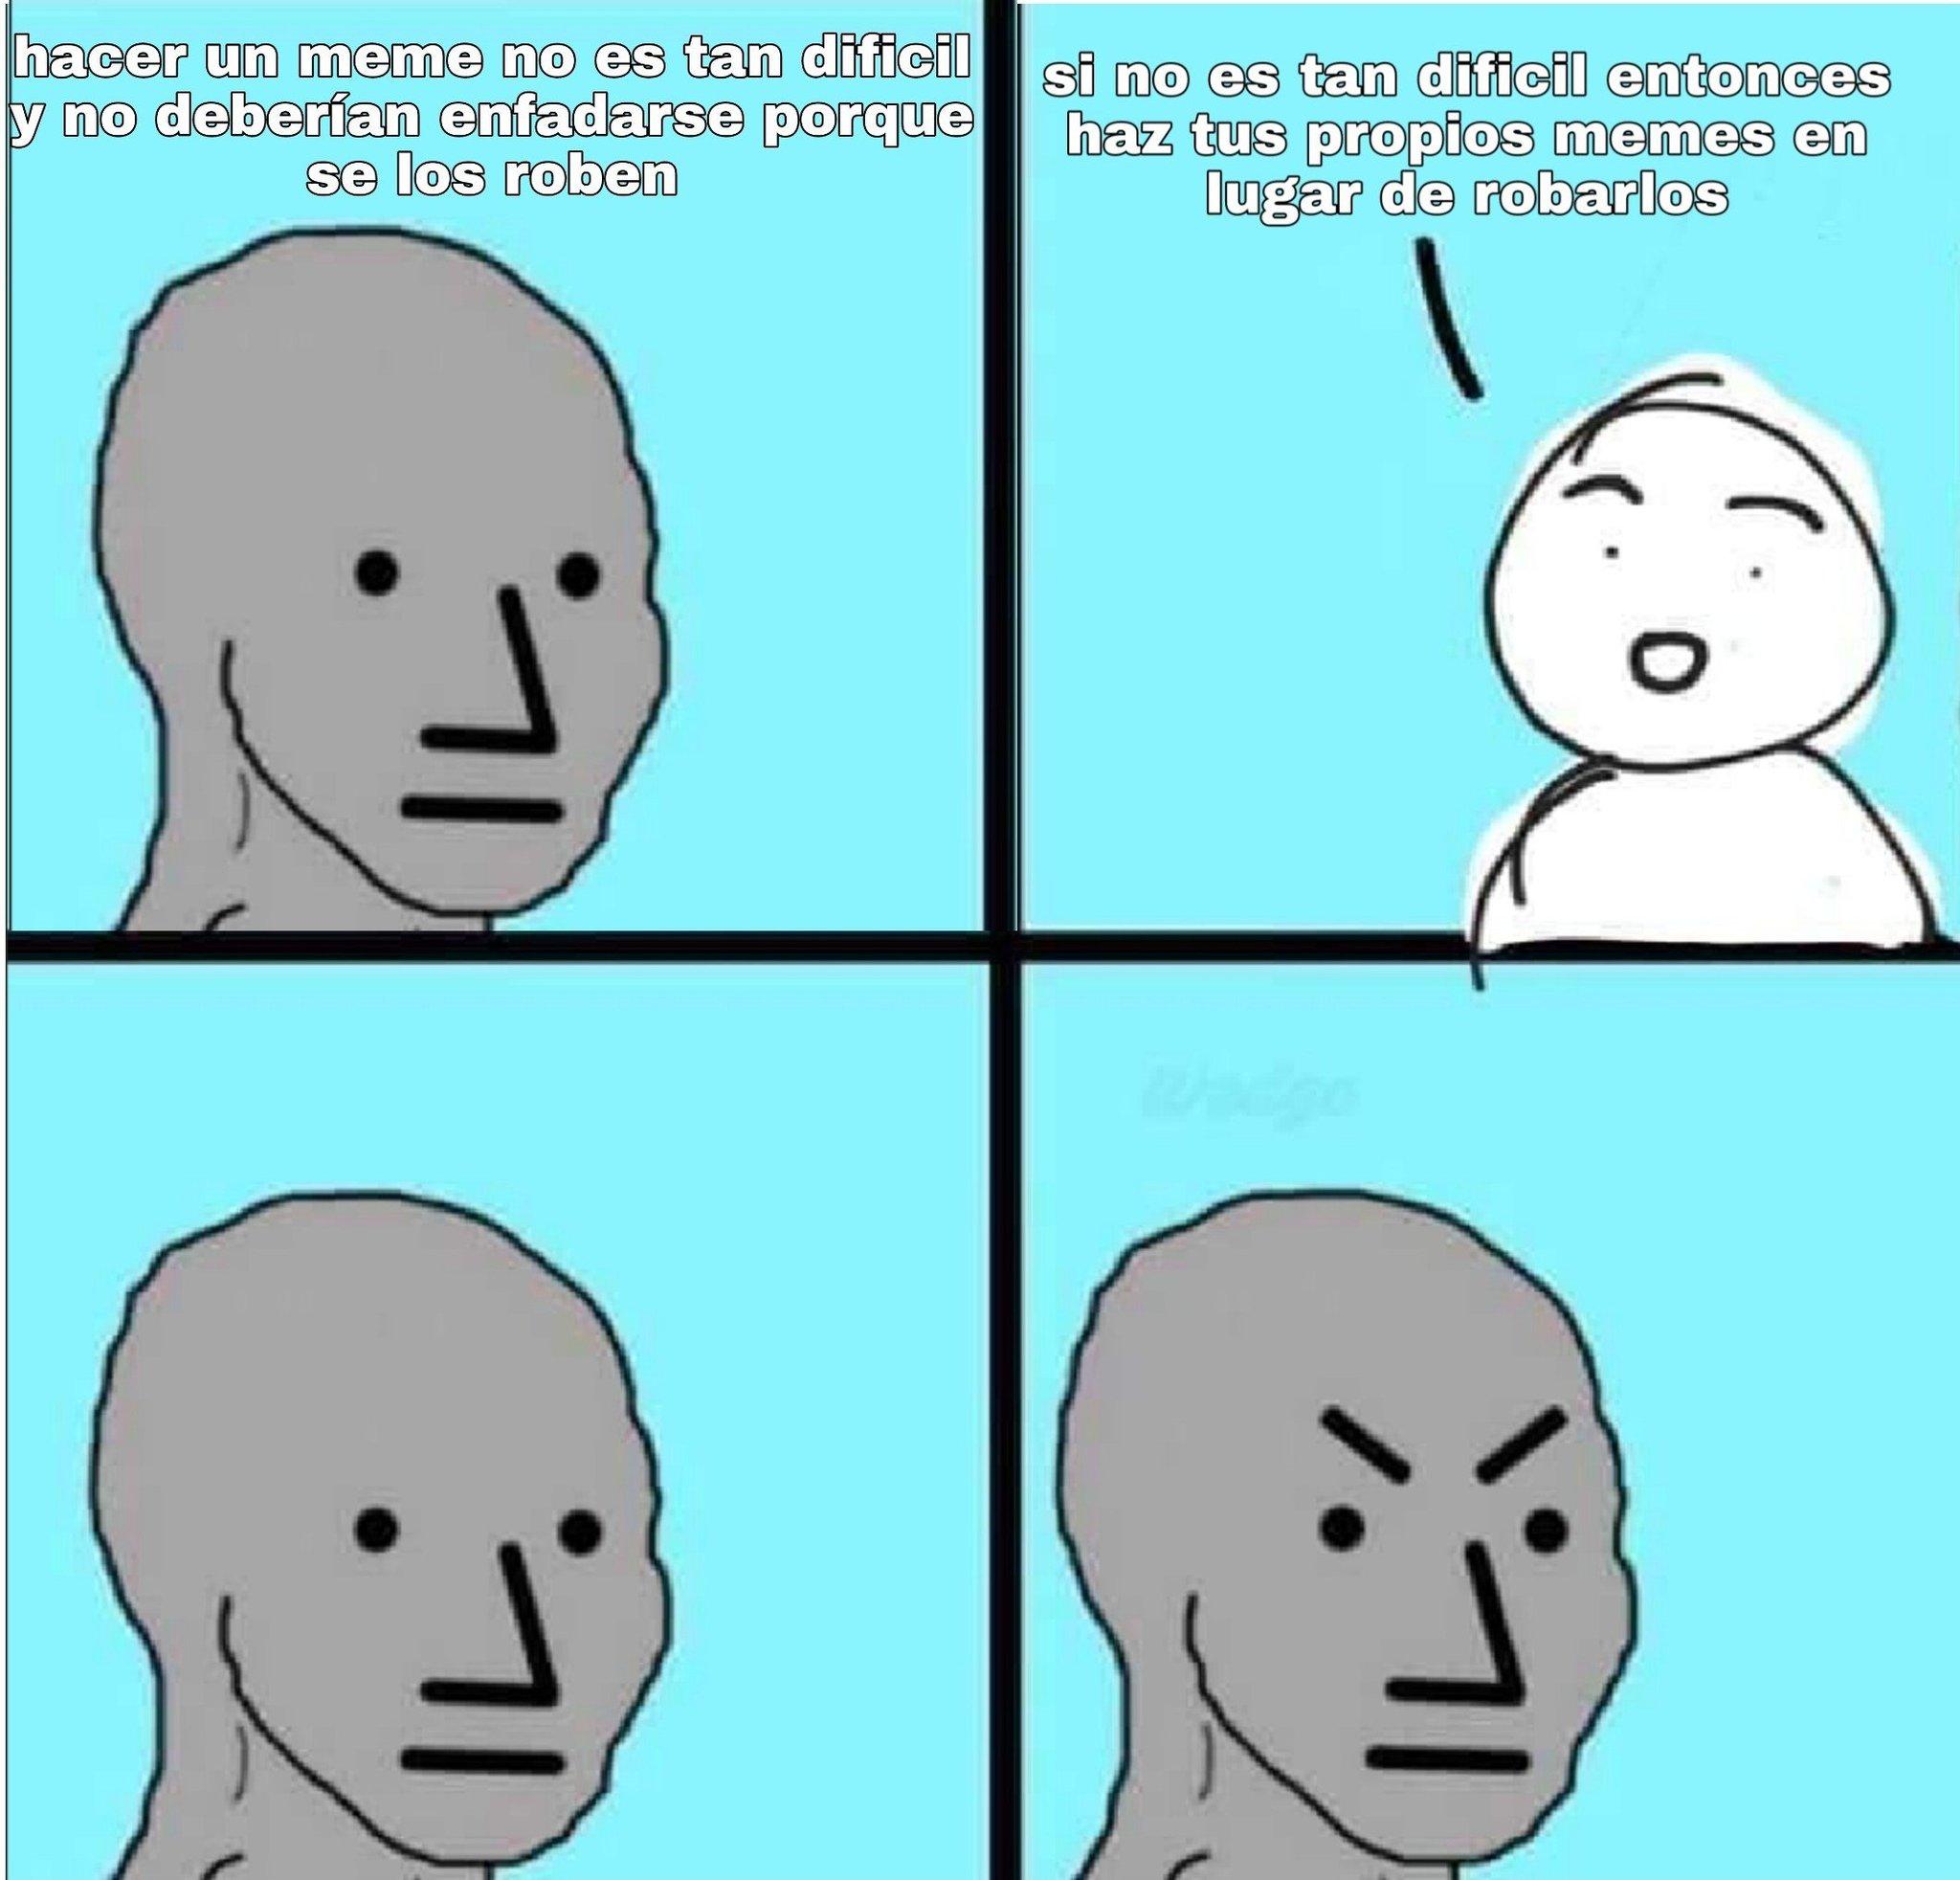 Y eso por no hablar de los shitpost - meme